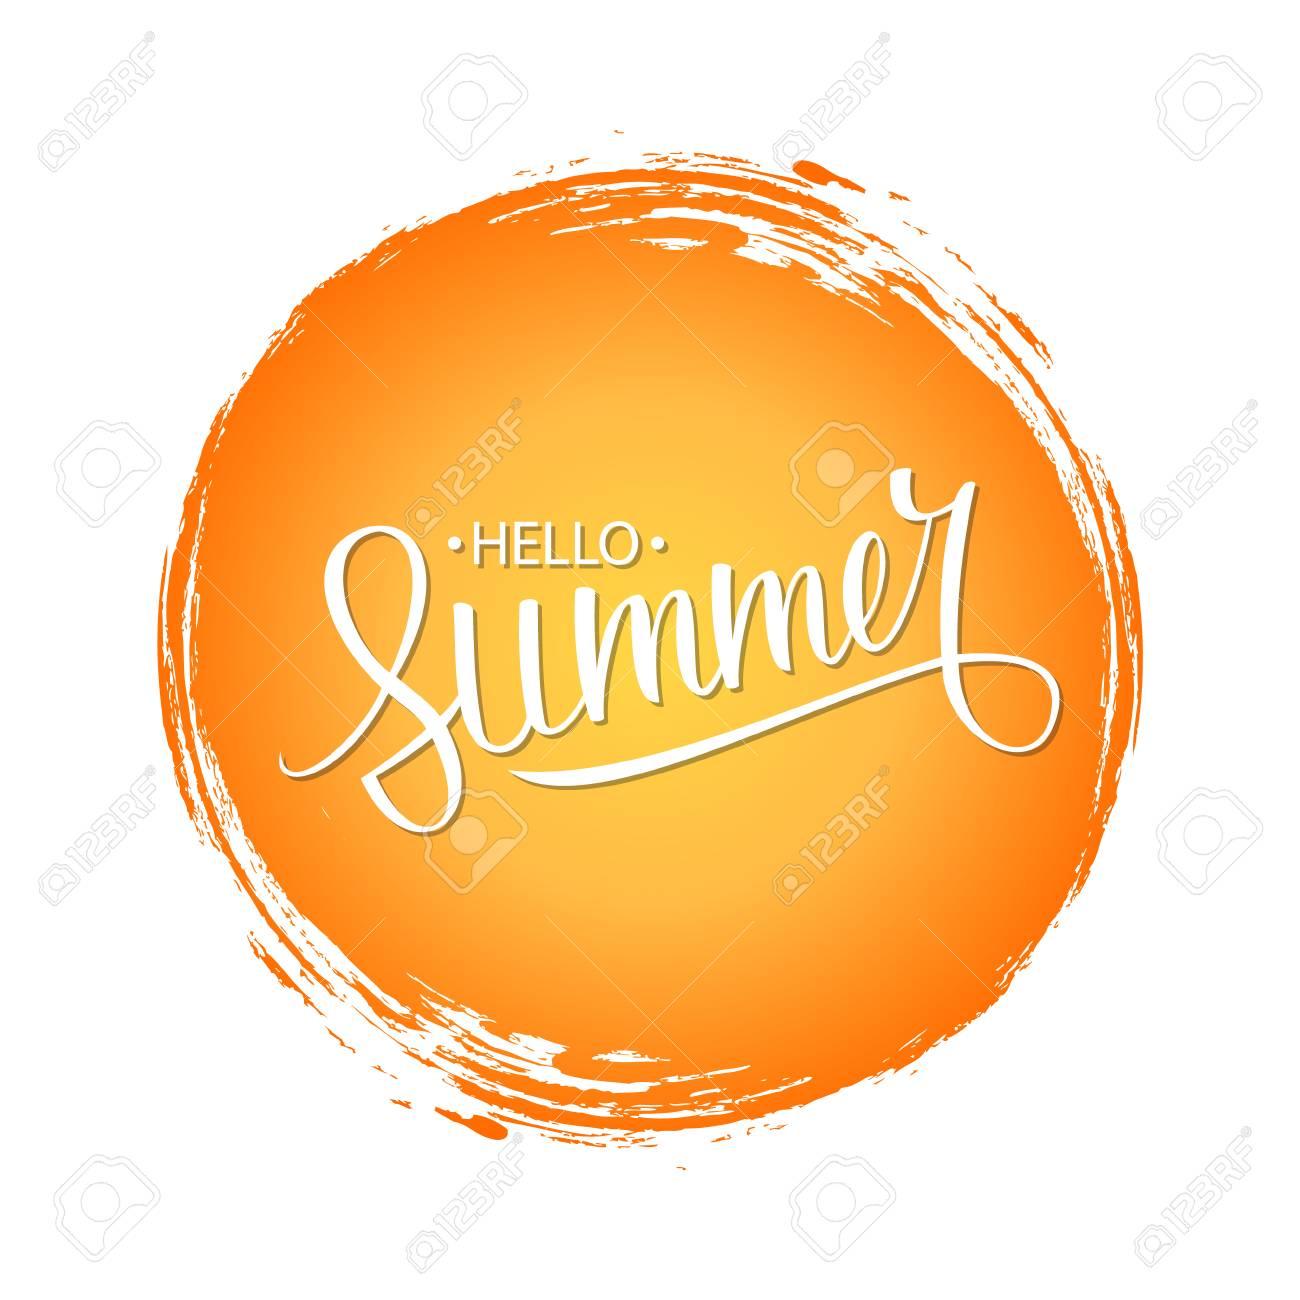 オレンジ色の丸ブラシ ストローク背景と手書き句こんにちは夏ベクトル